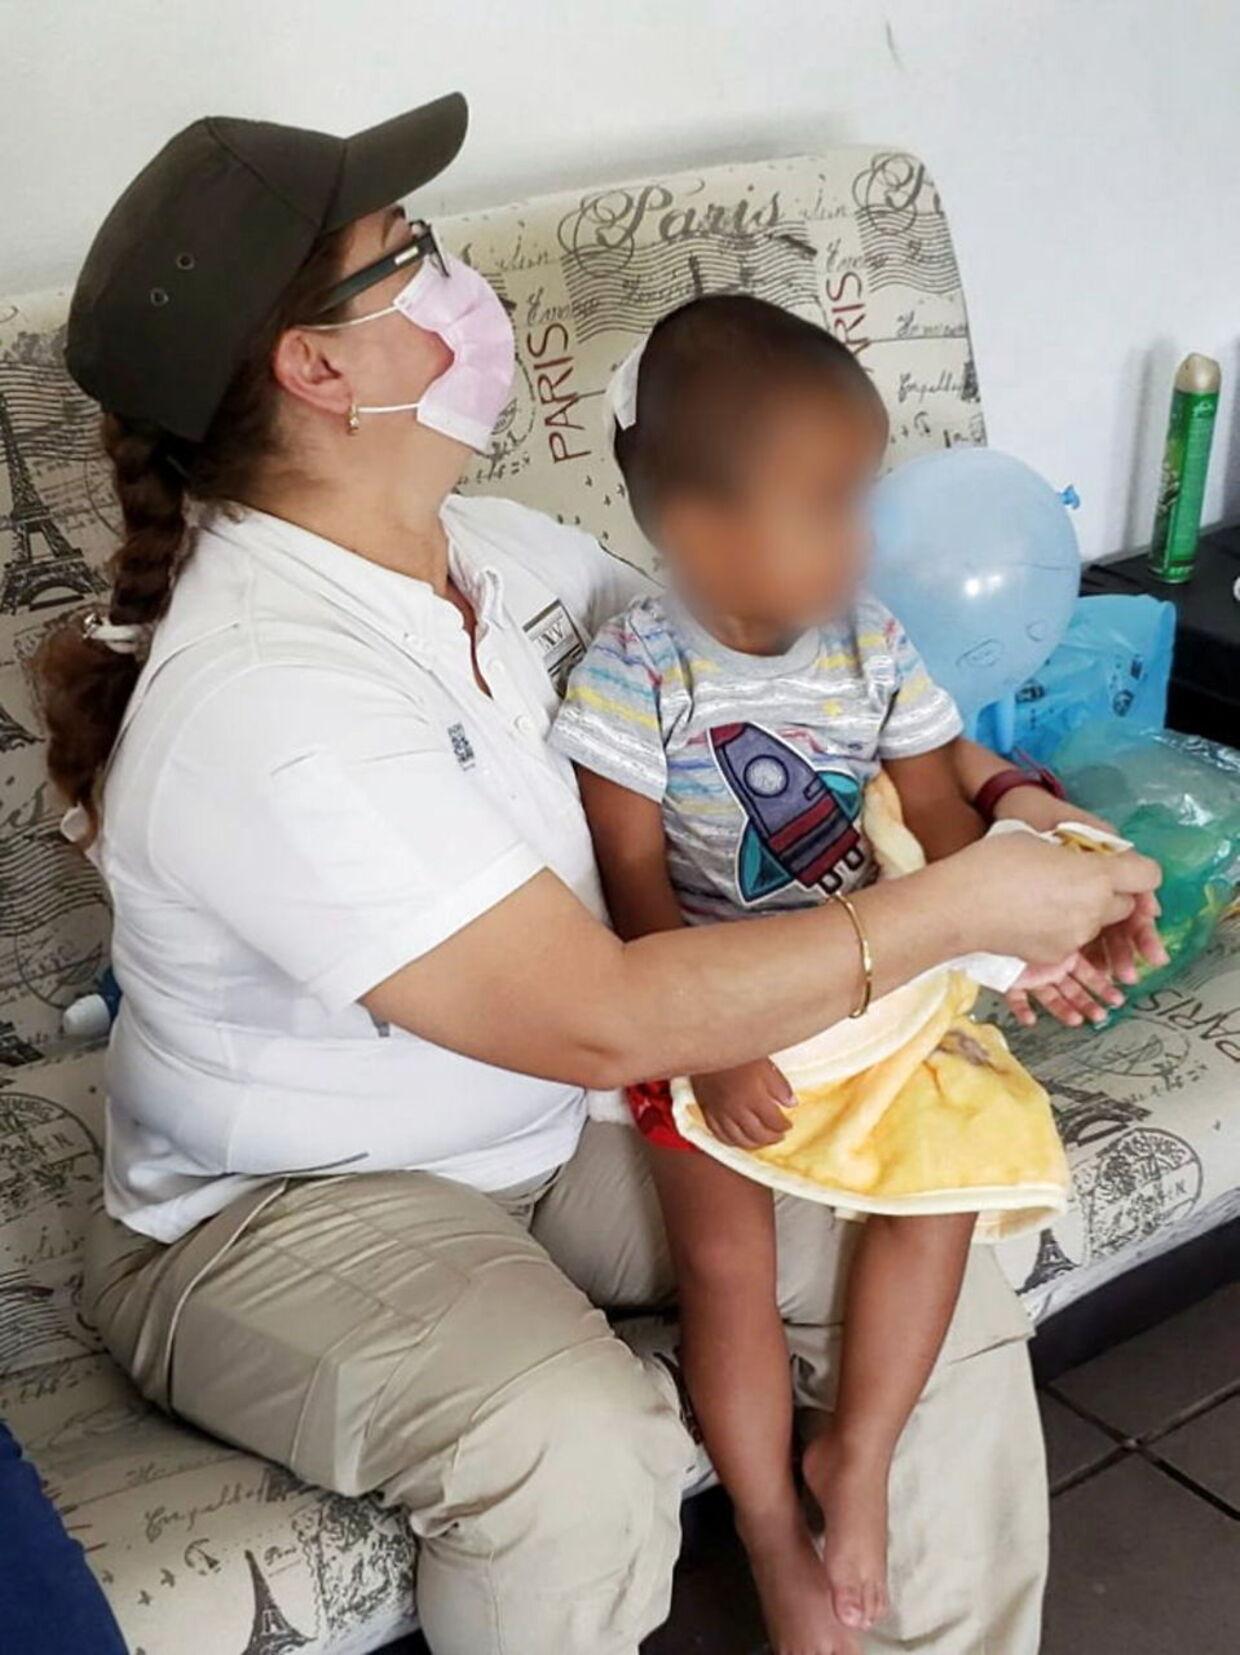 Den 2-årige dreng blev hurtigt hjulpet væk fra stedet og er nu i de sociale myndigheders varetægt, indtil man finder frem til forældre eller anden familie.